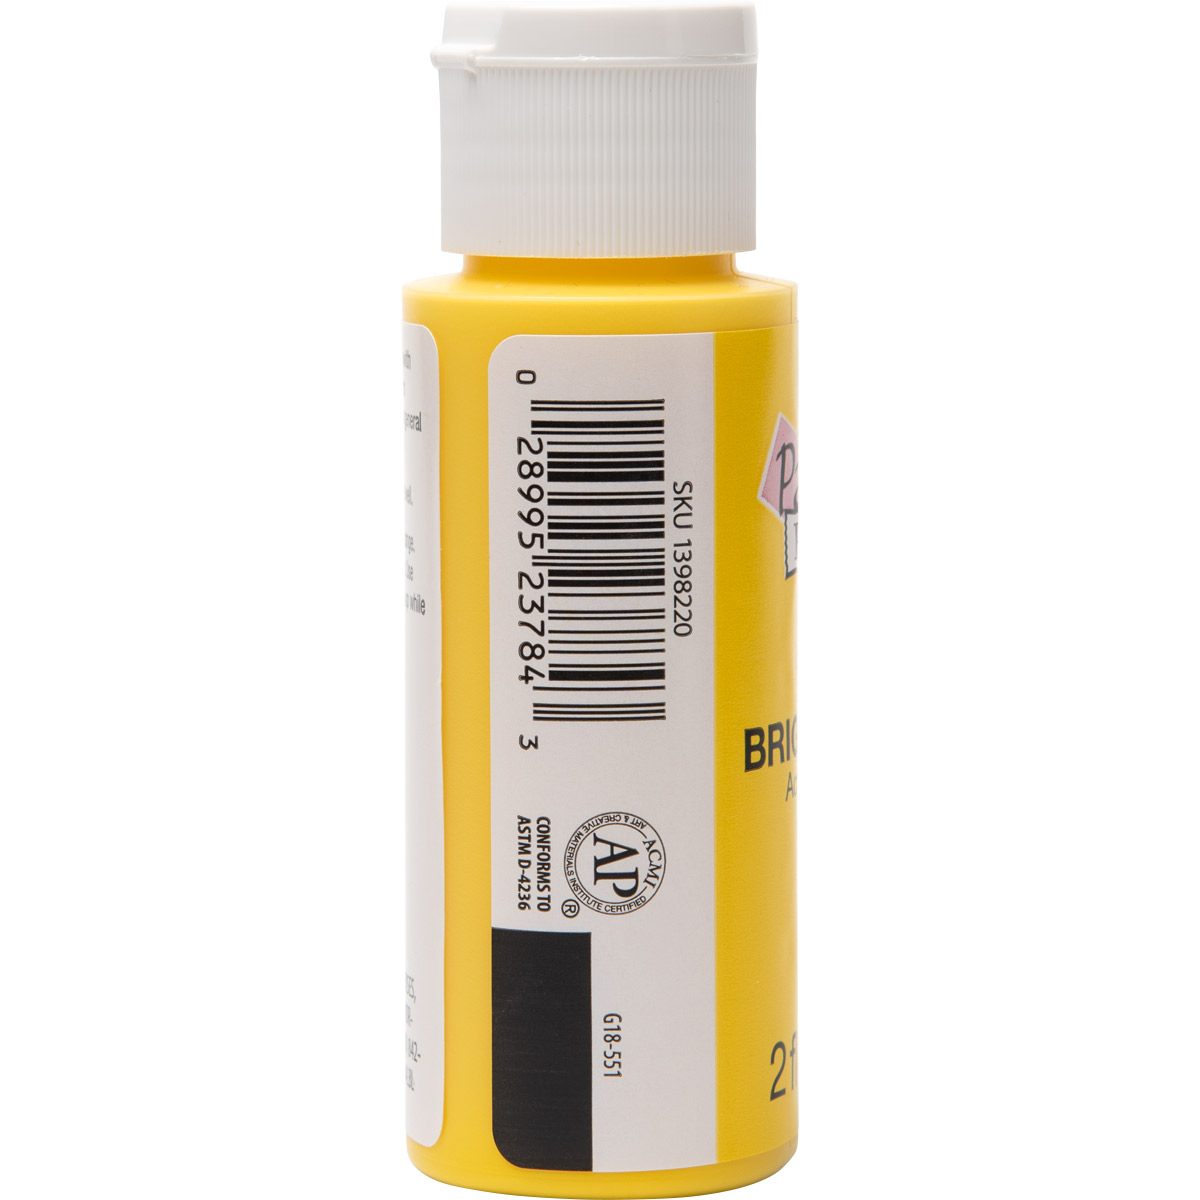 Plaid ® Painter's Palette™ Acrylic Paint - Bright Yellow, 2 oz. - 23784